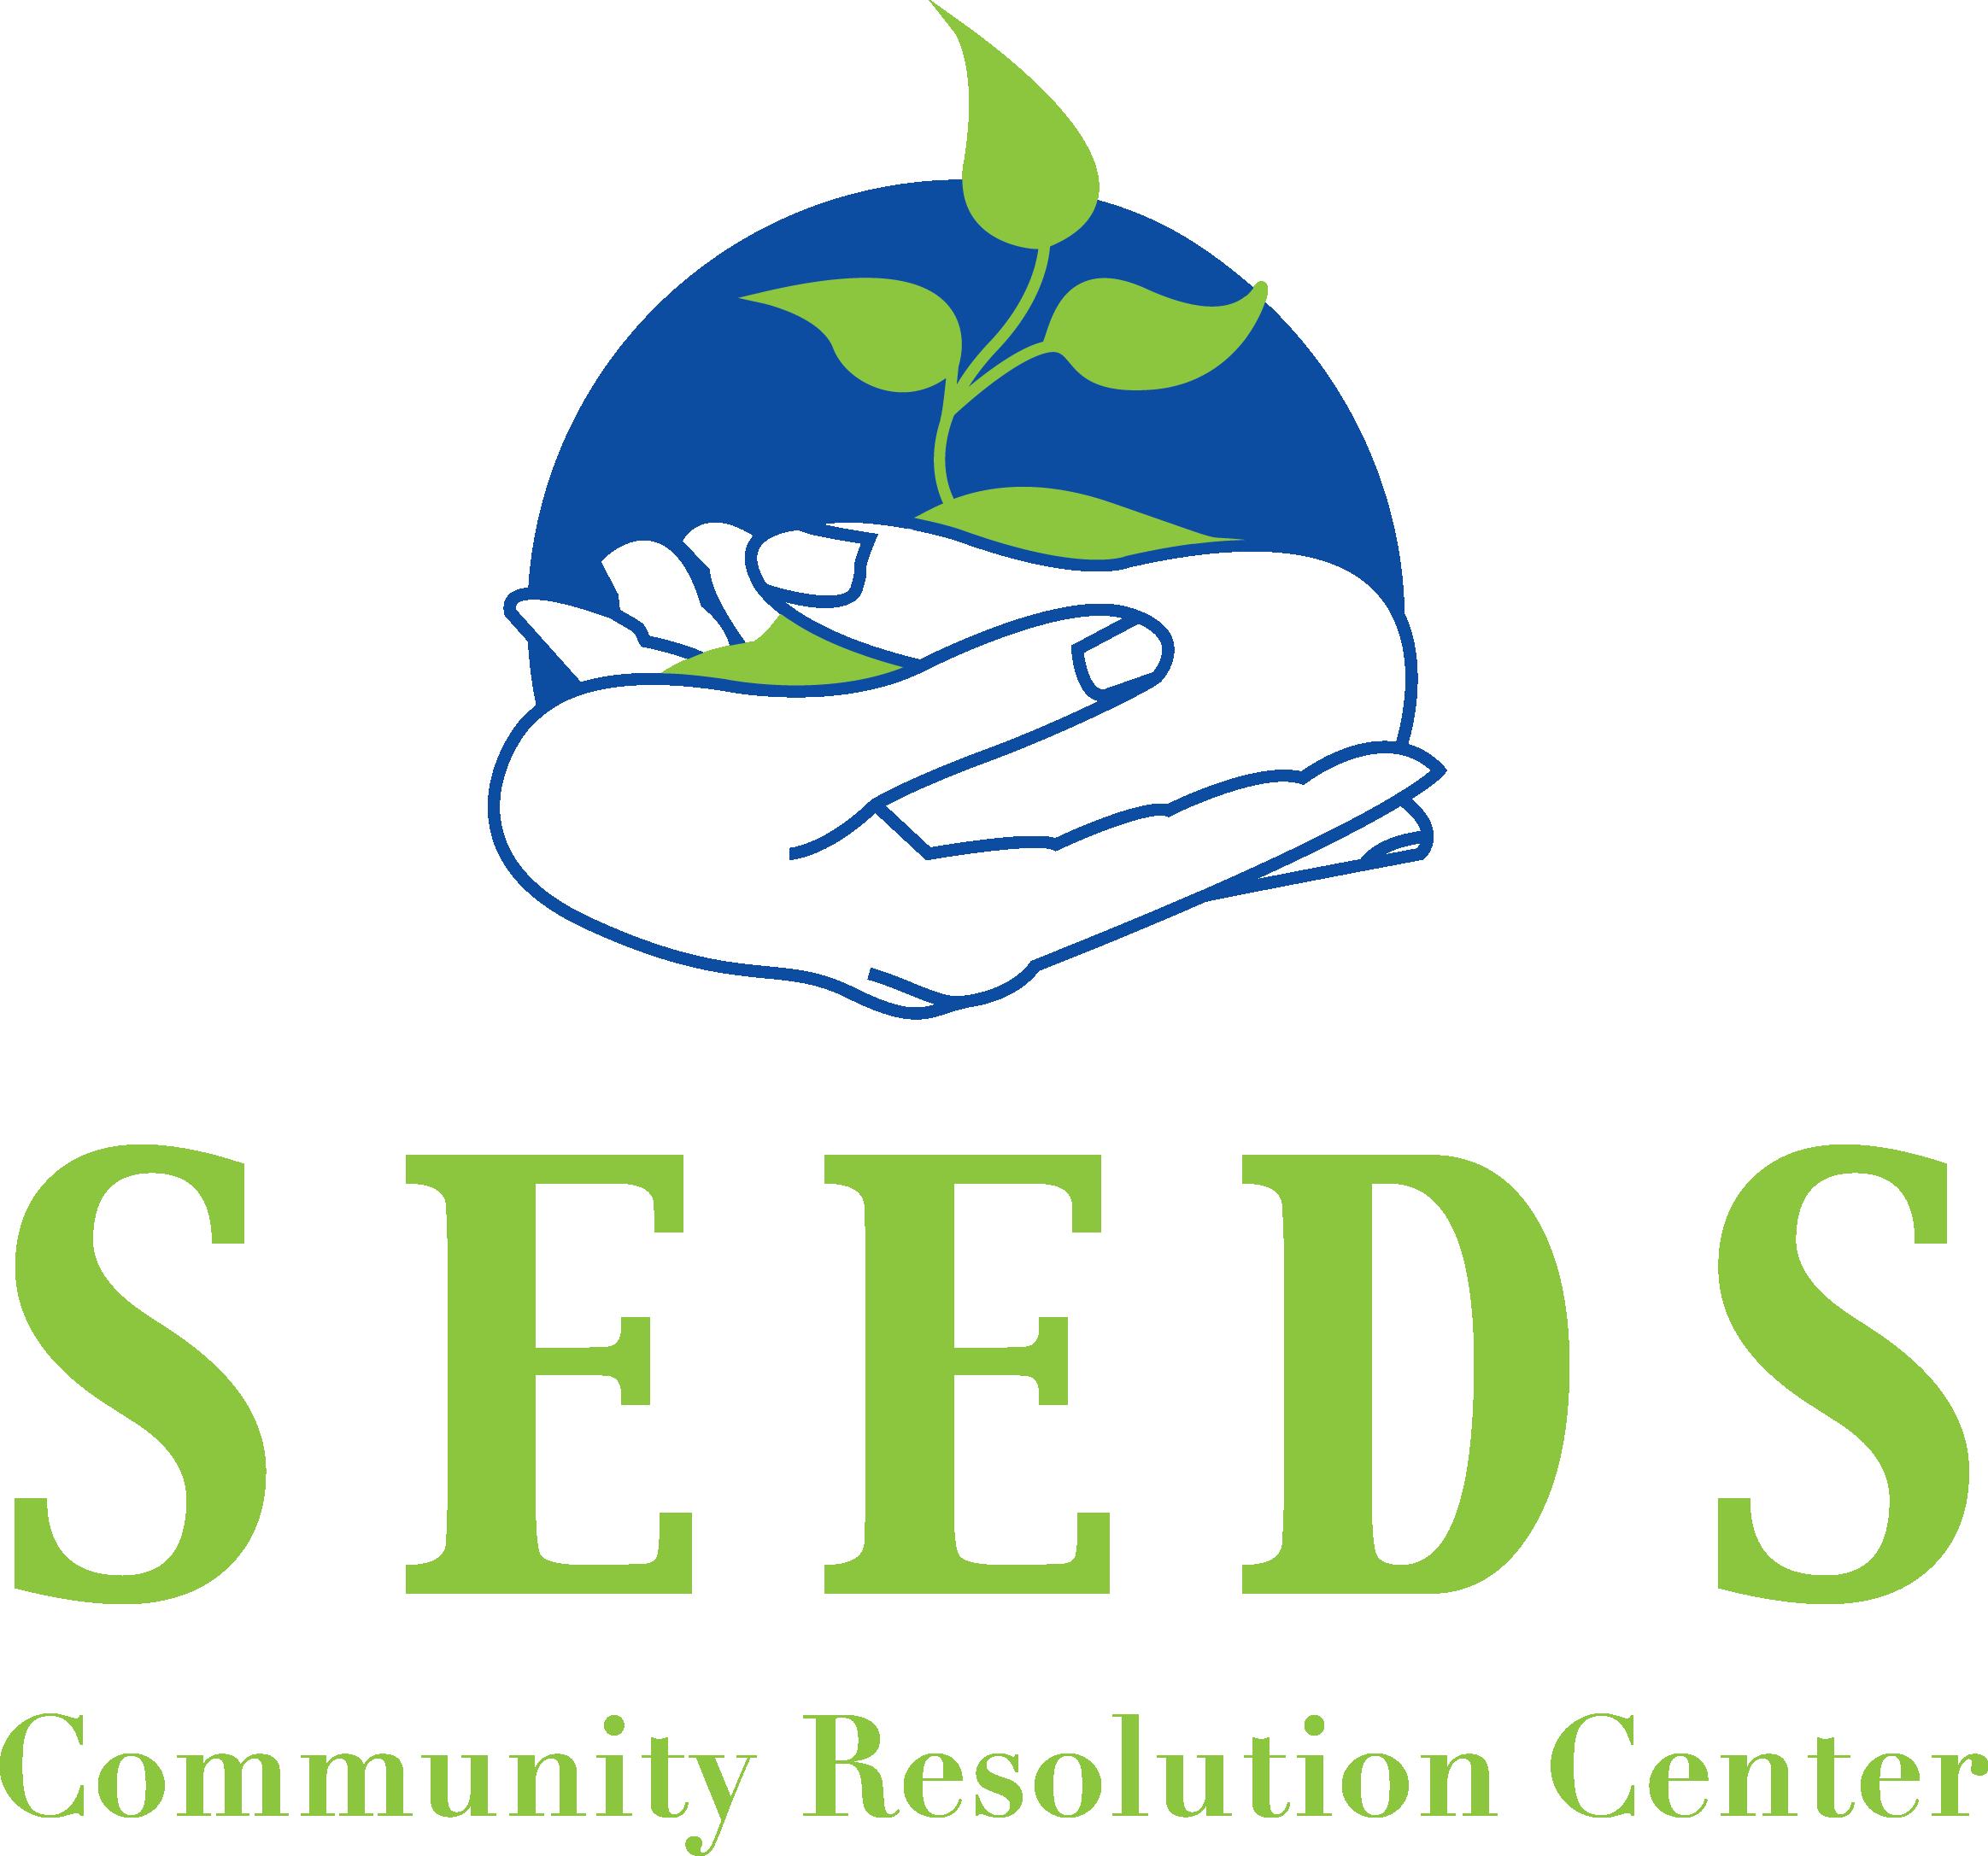 SeedsLogo.png